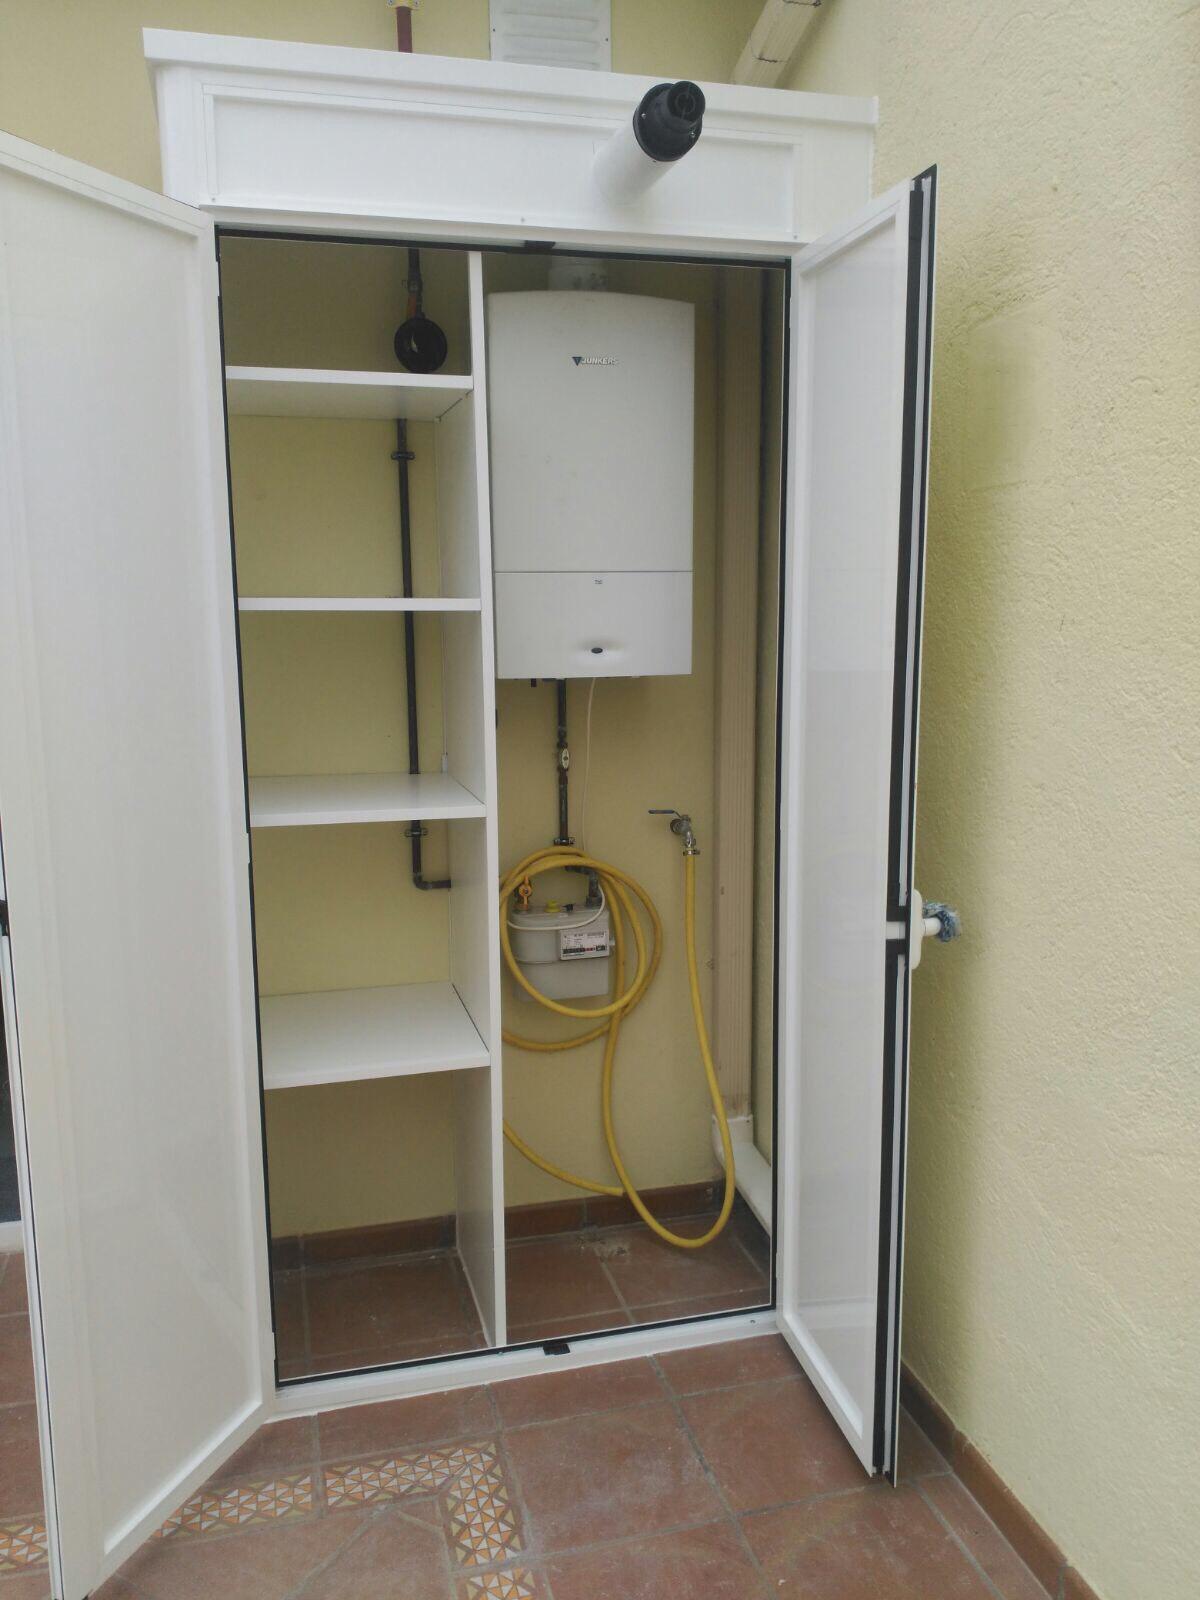 Soluciones para armarios de exterior de aluminio o pvc en madrid - Armario para caldera exterior ...